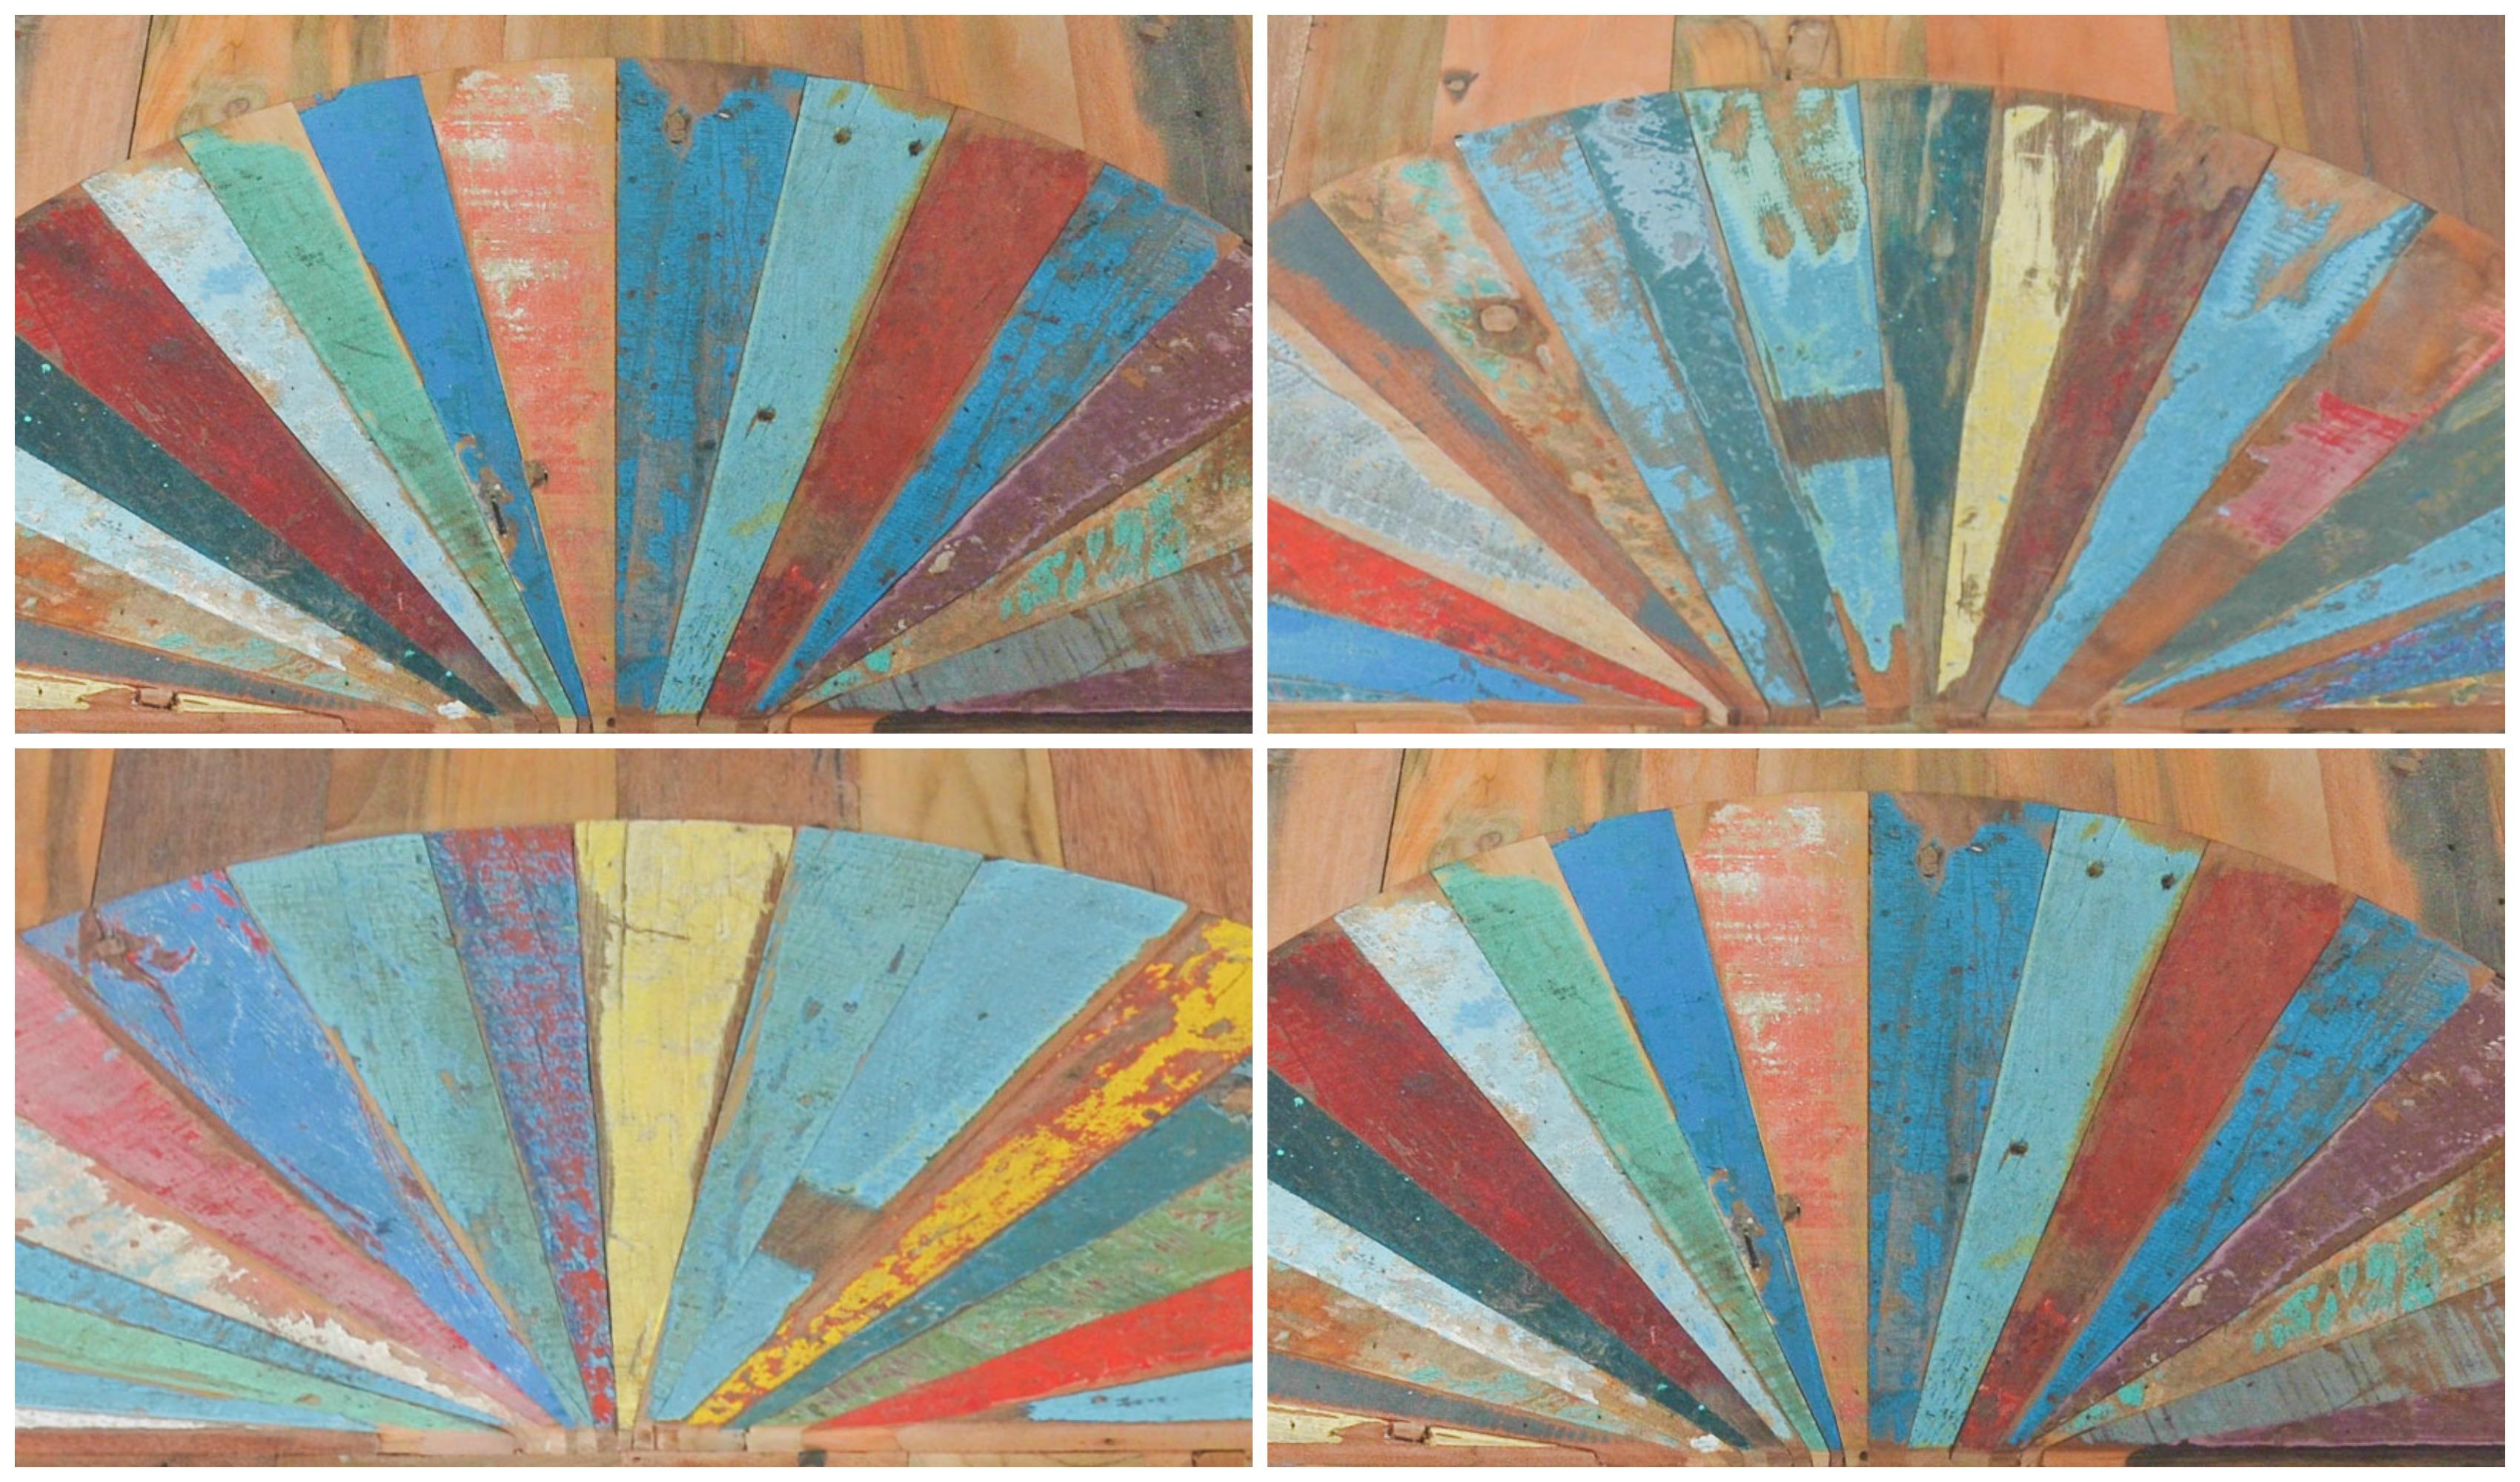 Nouvelle collection OKA - Quatre dessus de table. Quatre tons différents. Quatre pièces sélectionnées et numérotées par Rue de Siam.